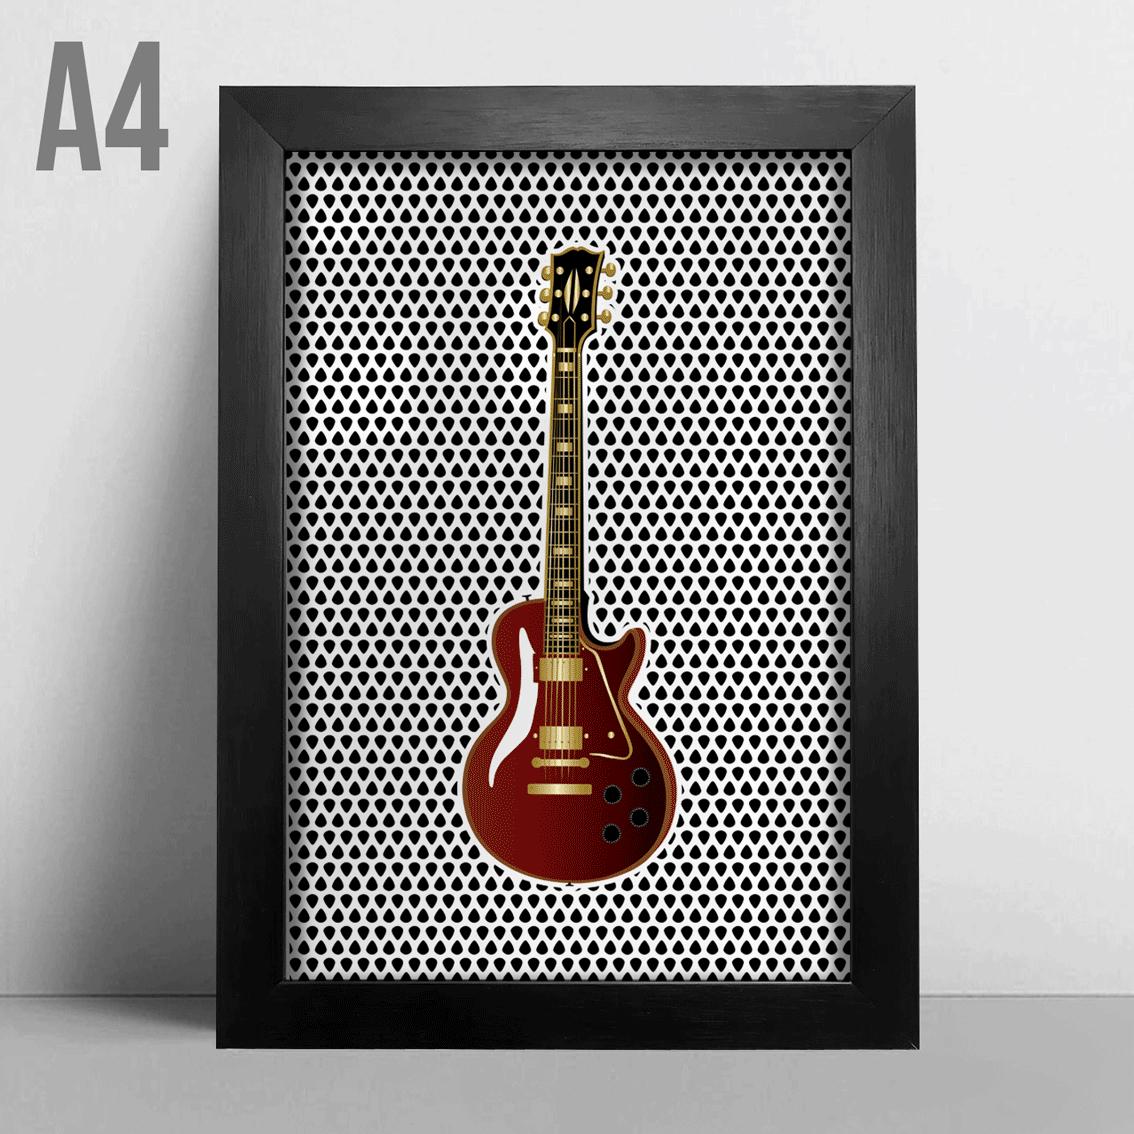 Quadro A4 - Guitarra Vermelha